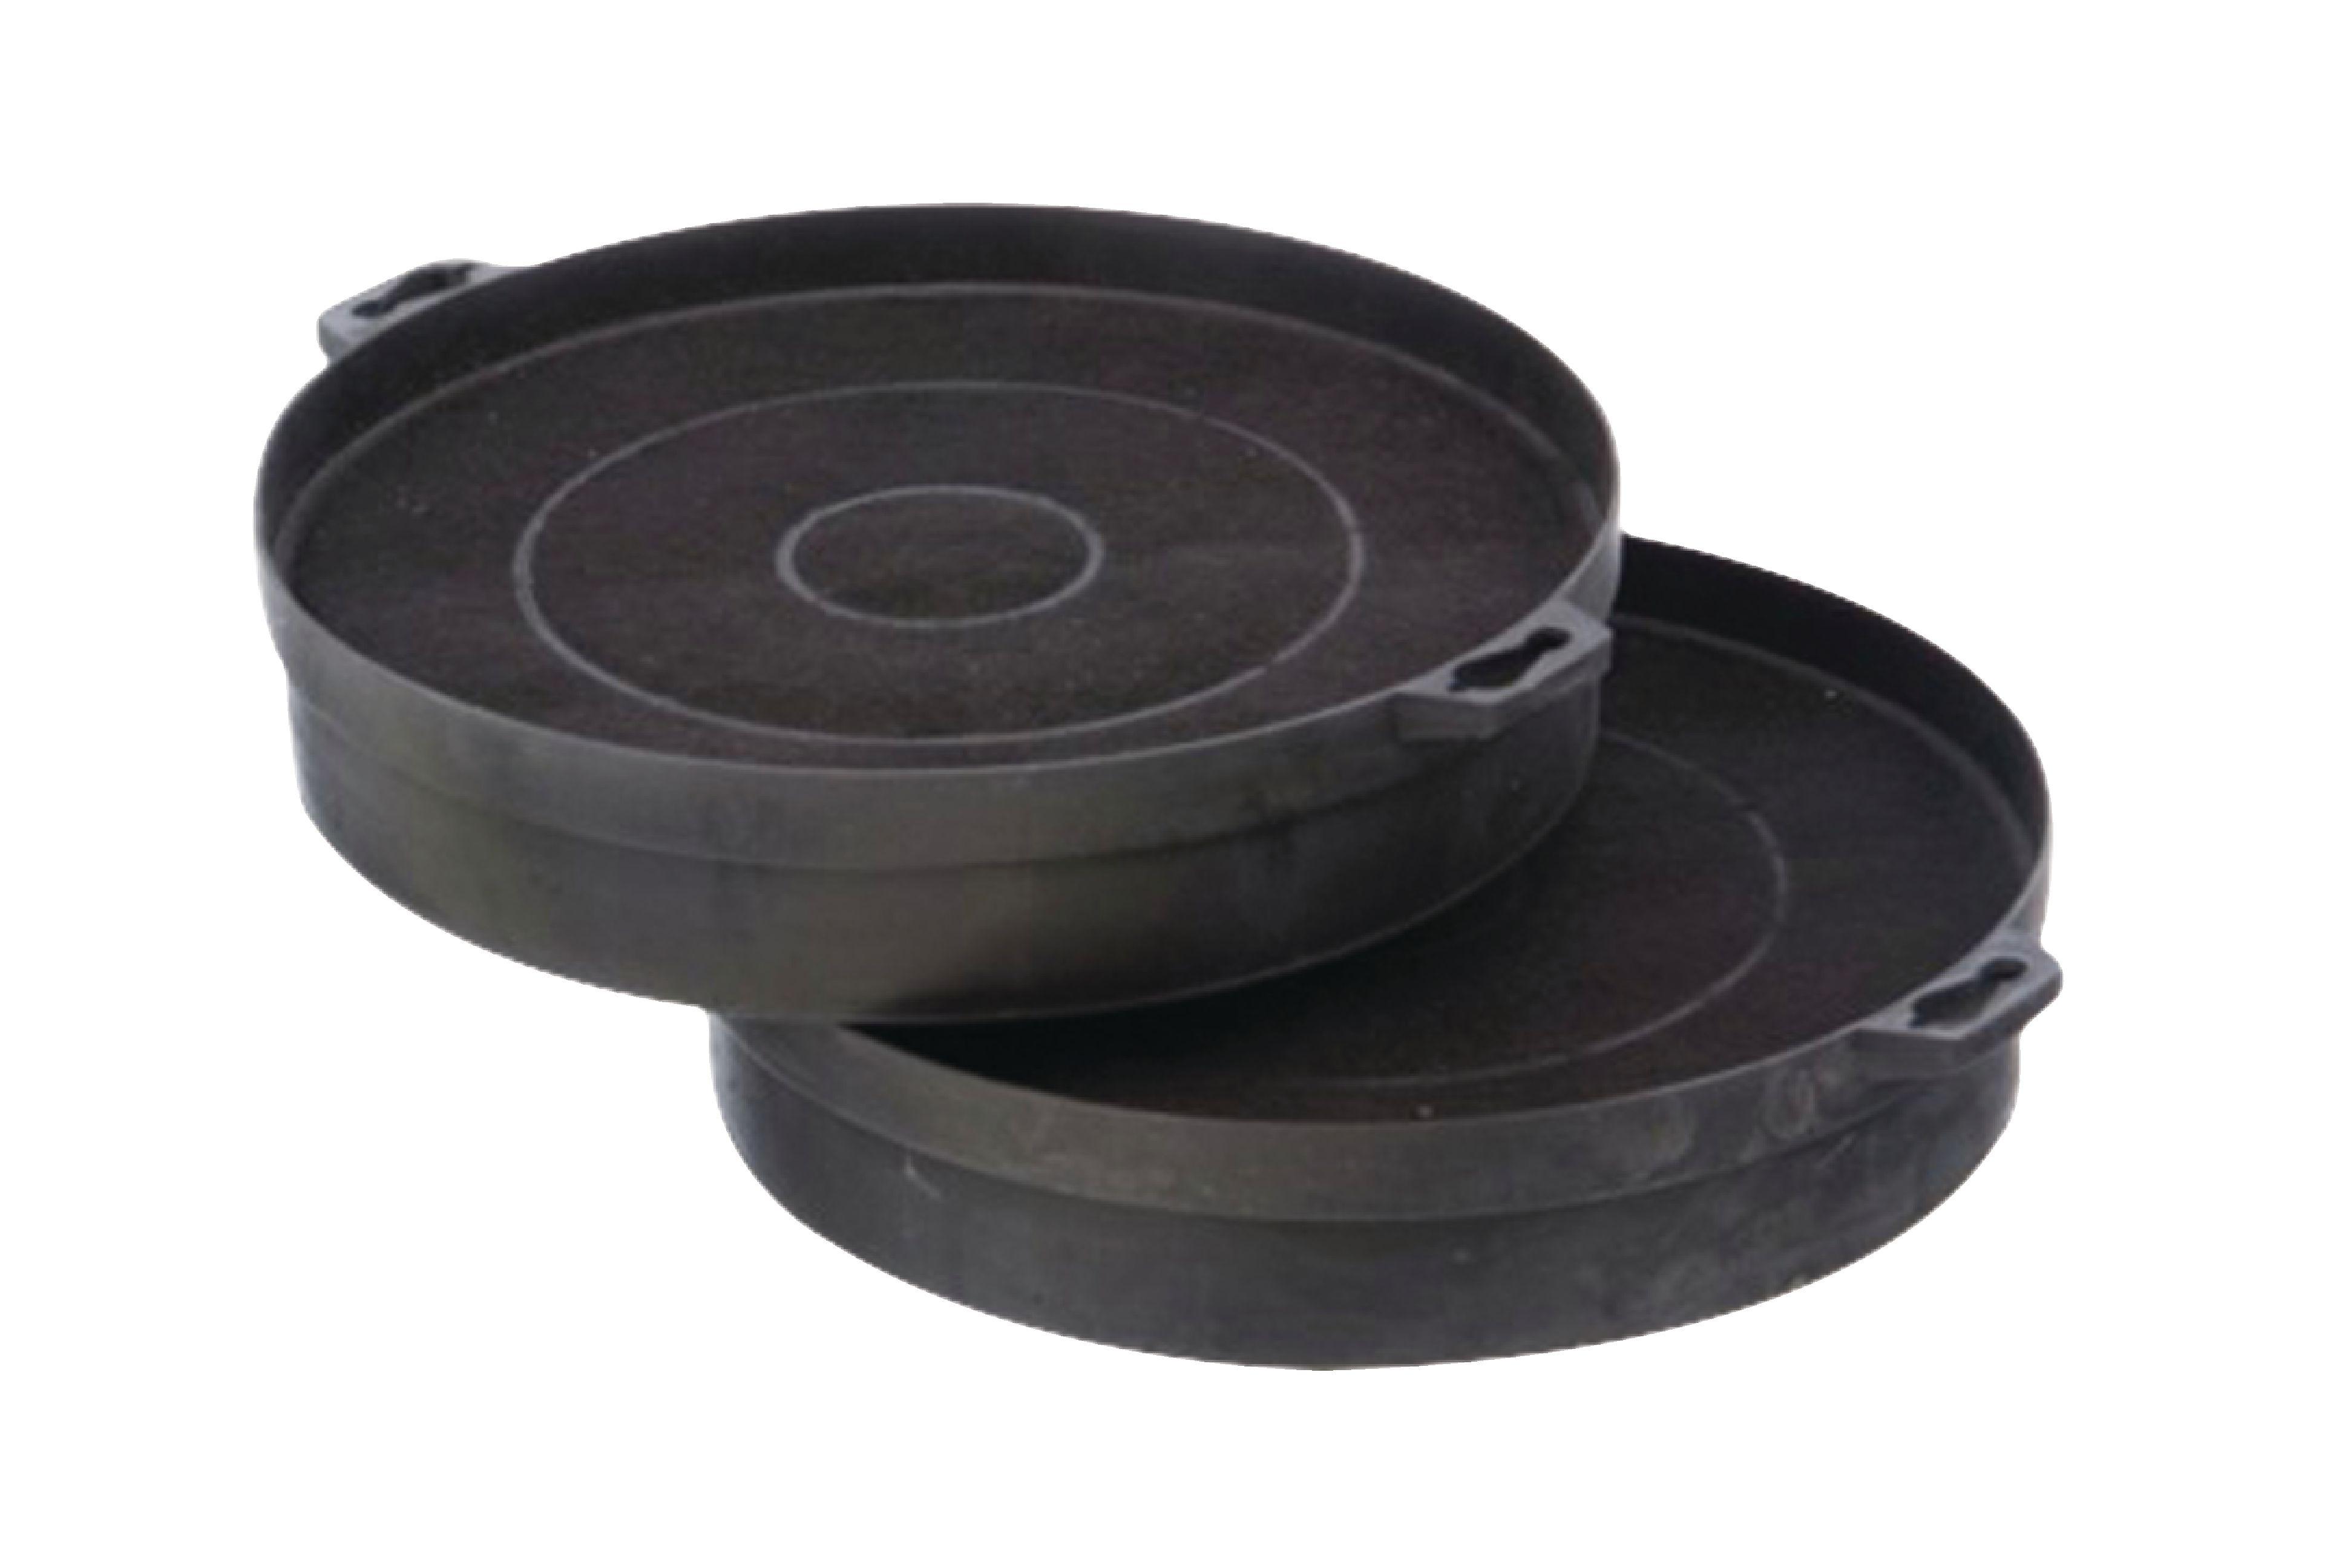 Uhlíkový filtr do digestoře Bosh/Siemens, OE 20 cm, 2ks Bosh 353121